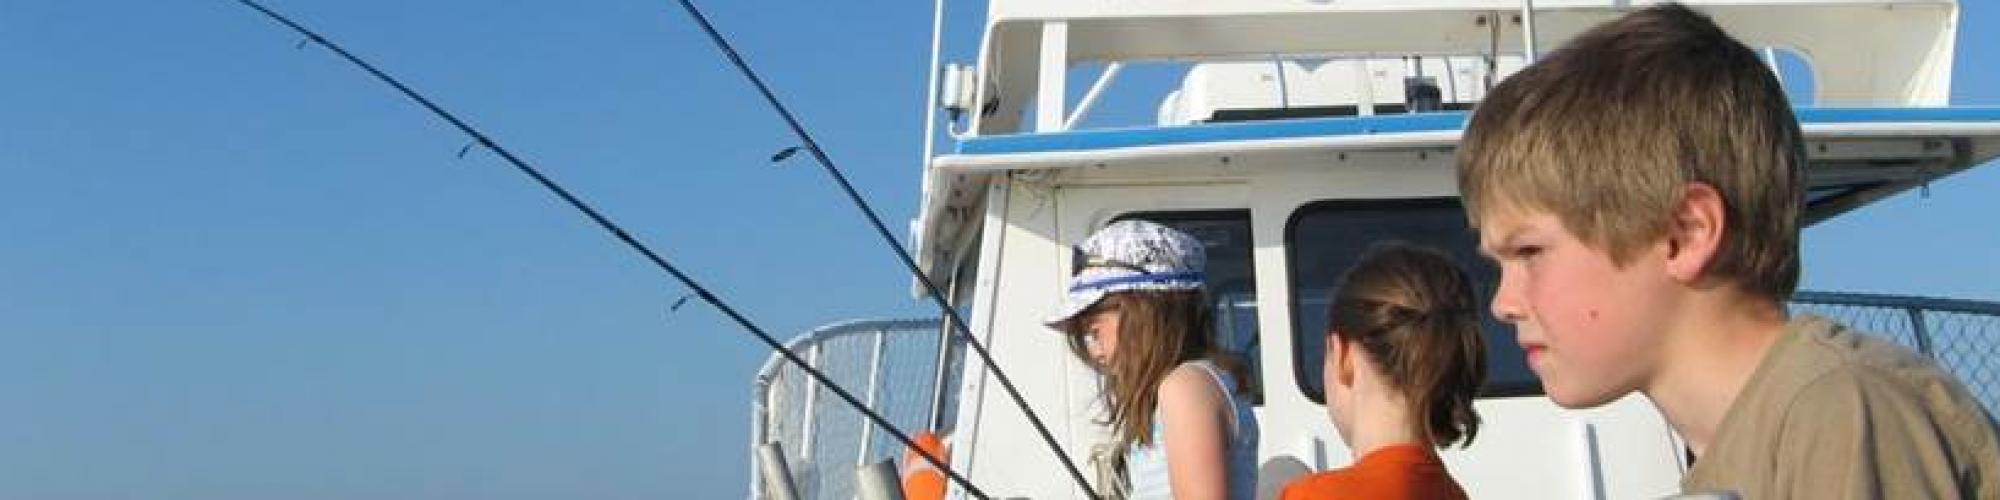 Enfants qui pêchent sur un bateau